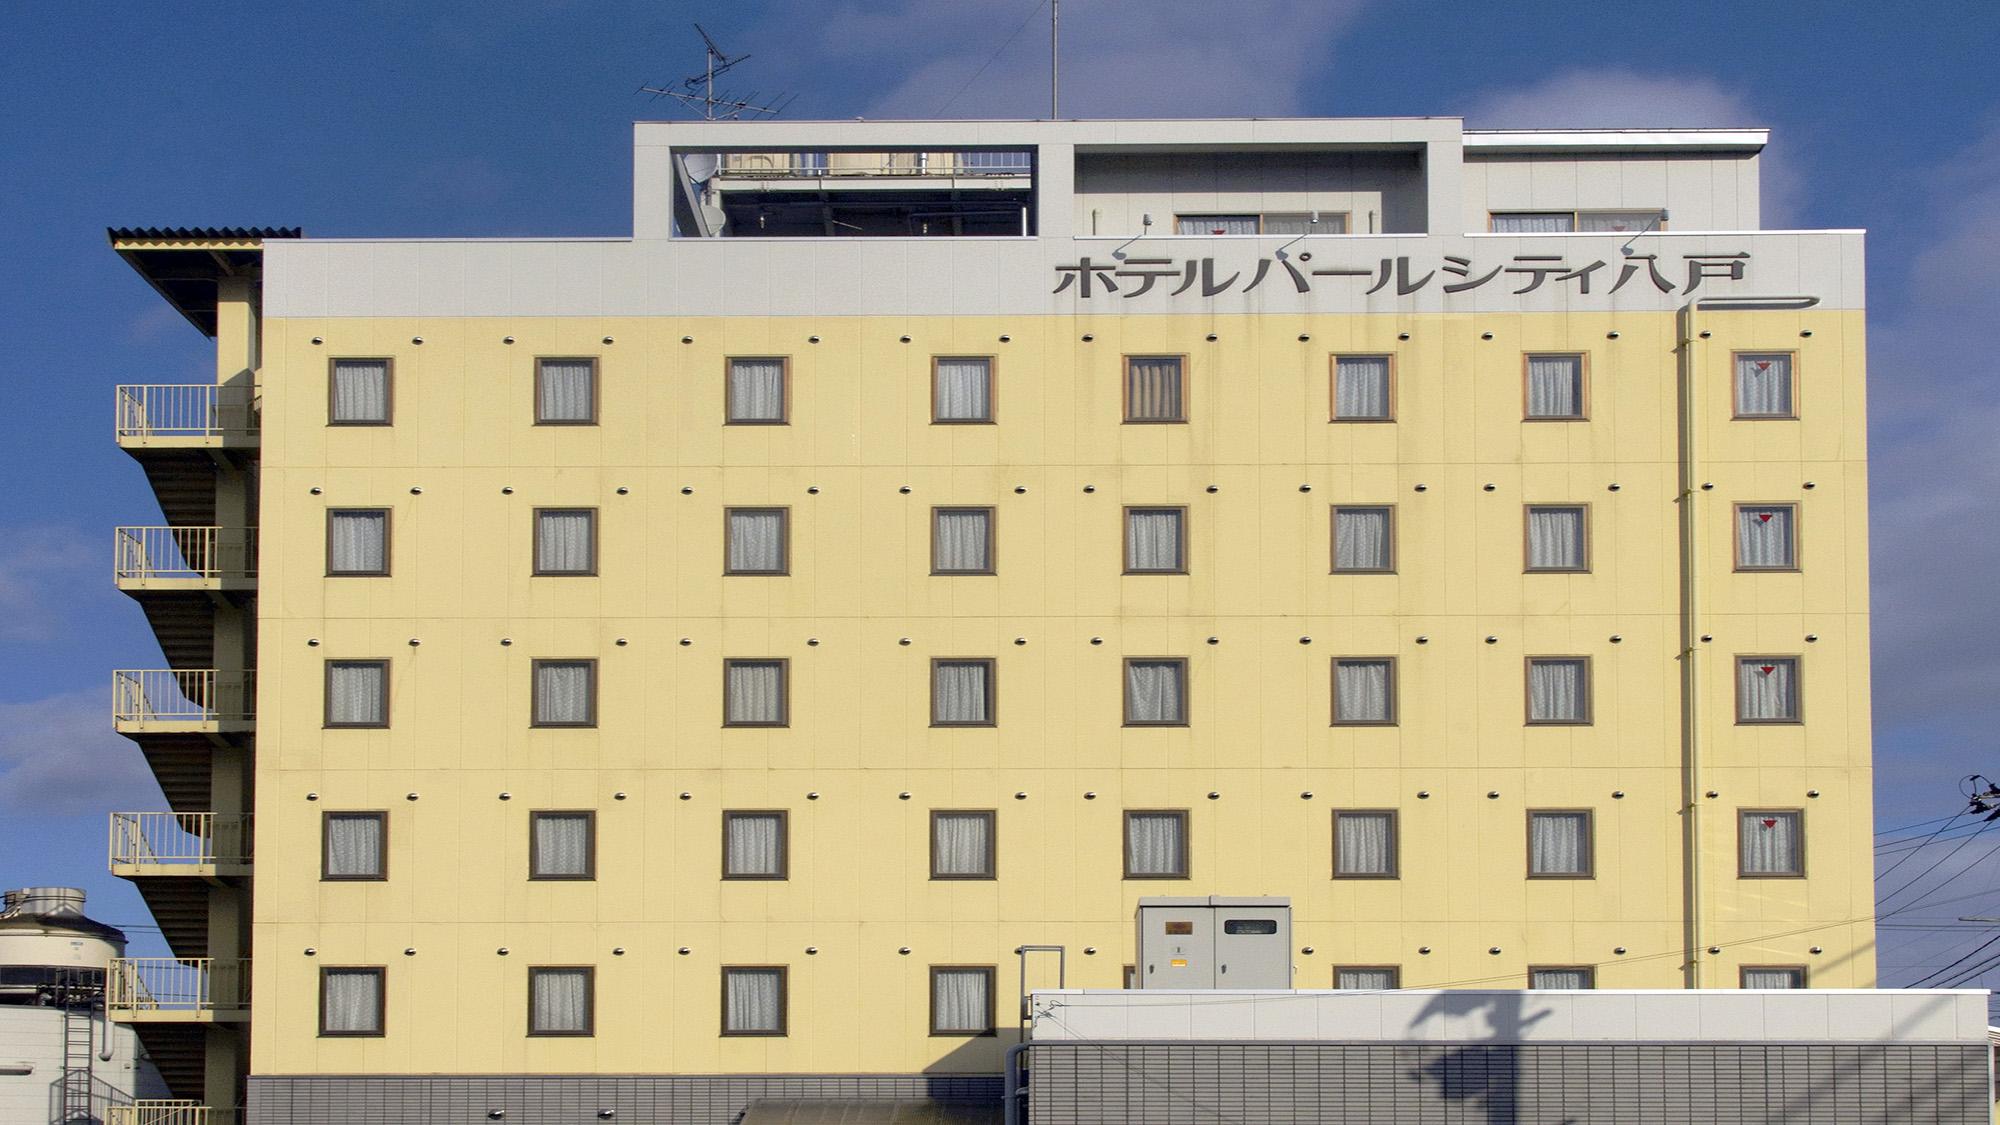 ホテル パールシティ 八戸◆楽天トラベル